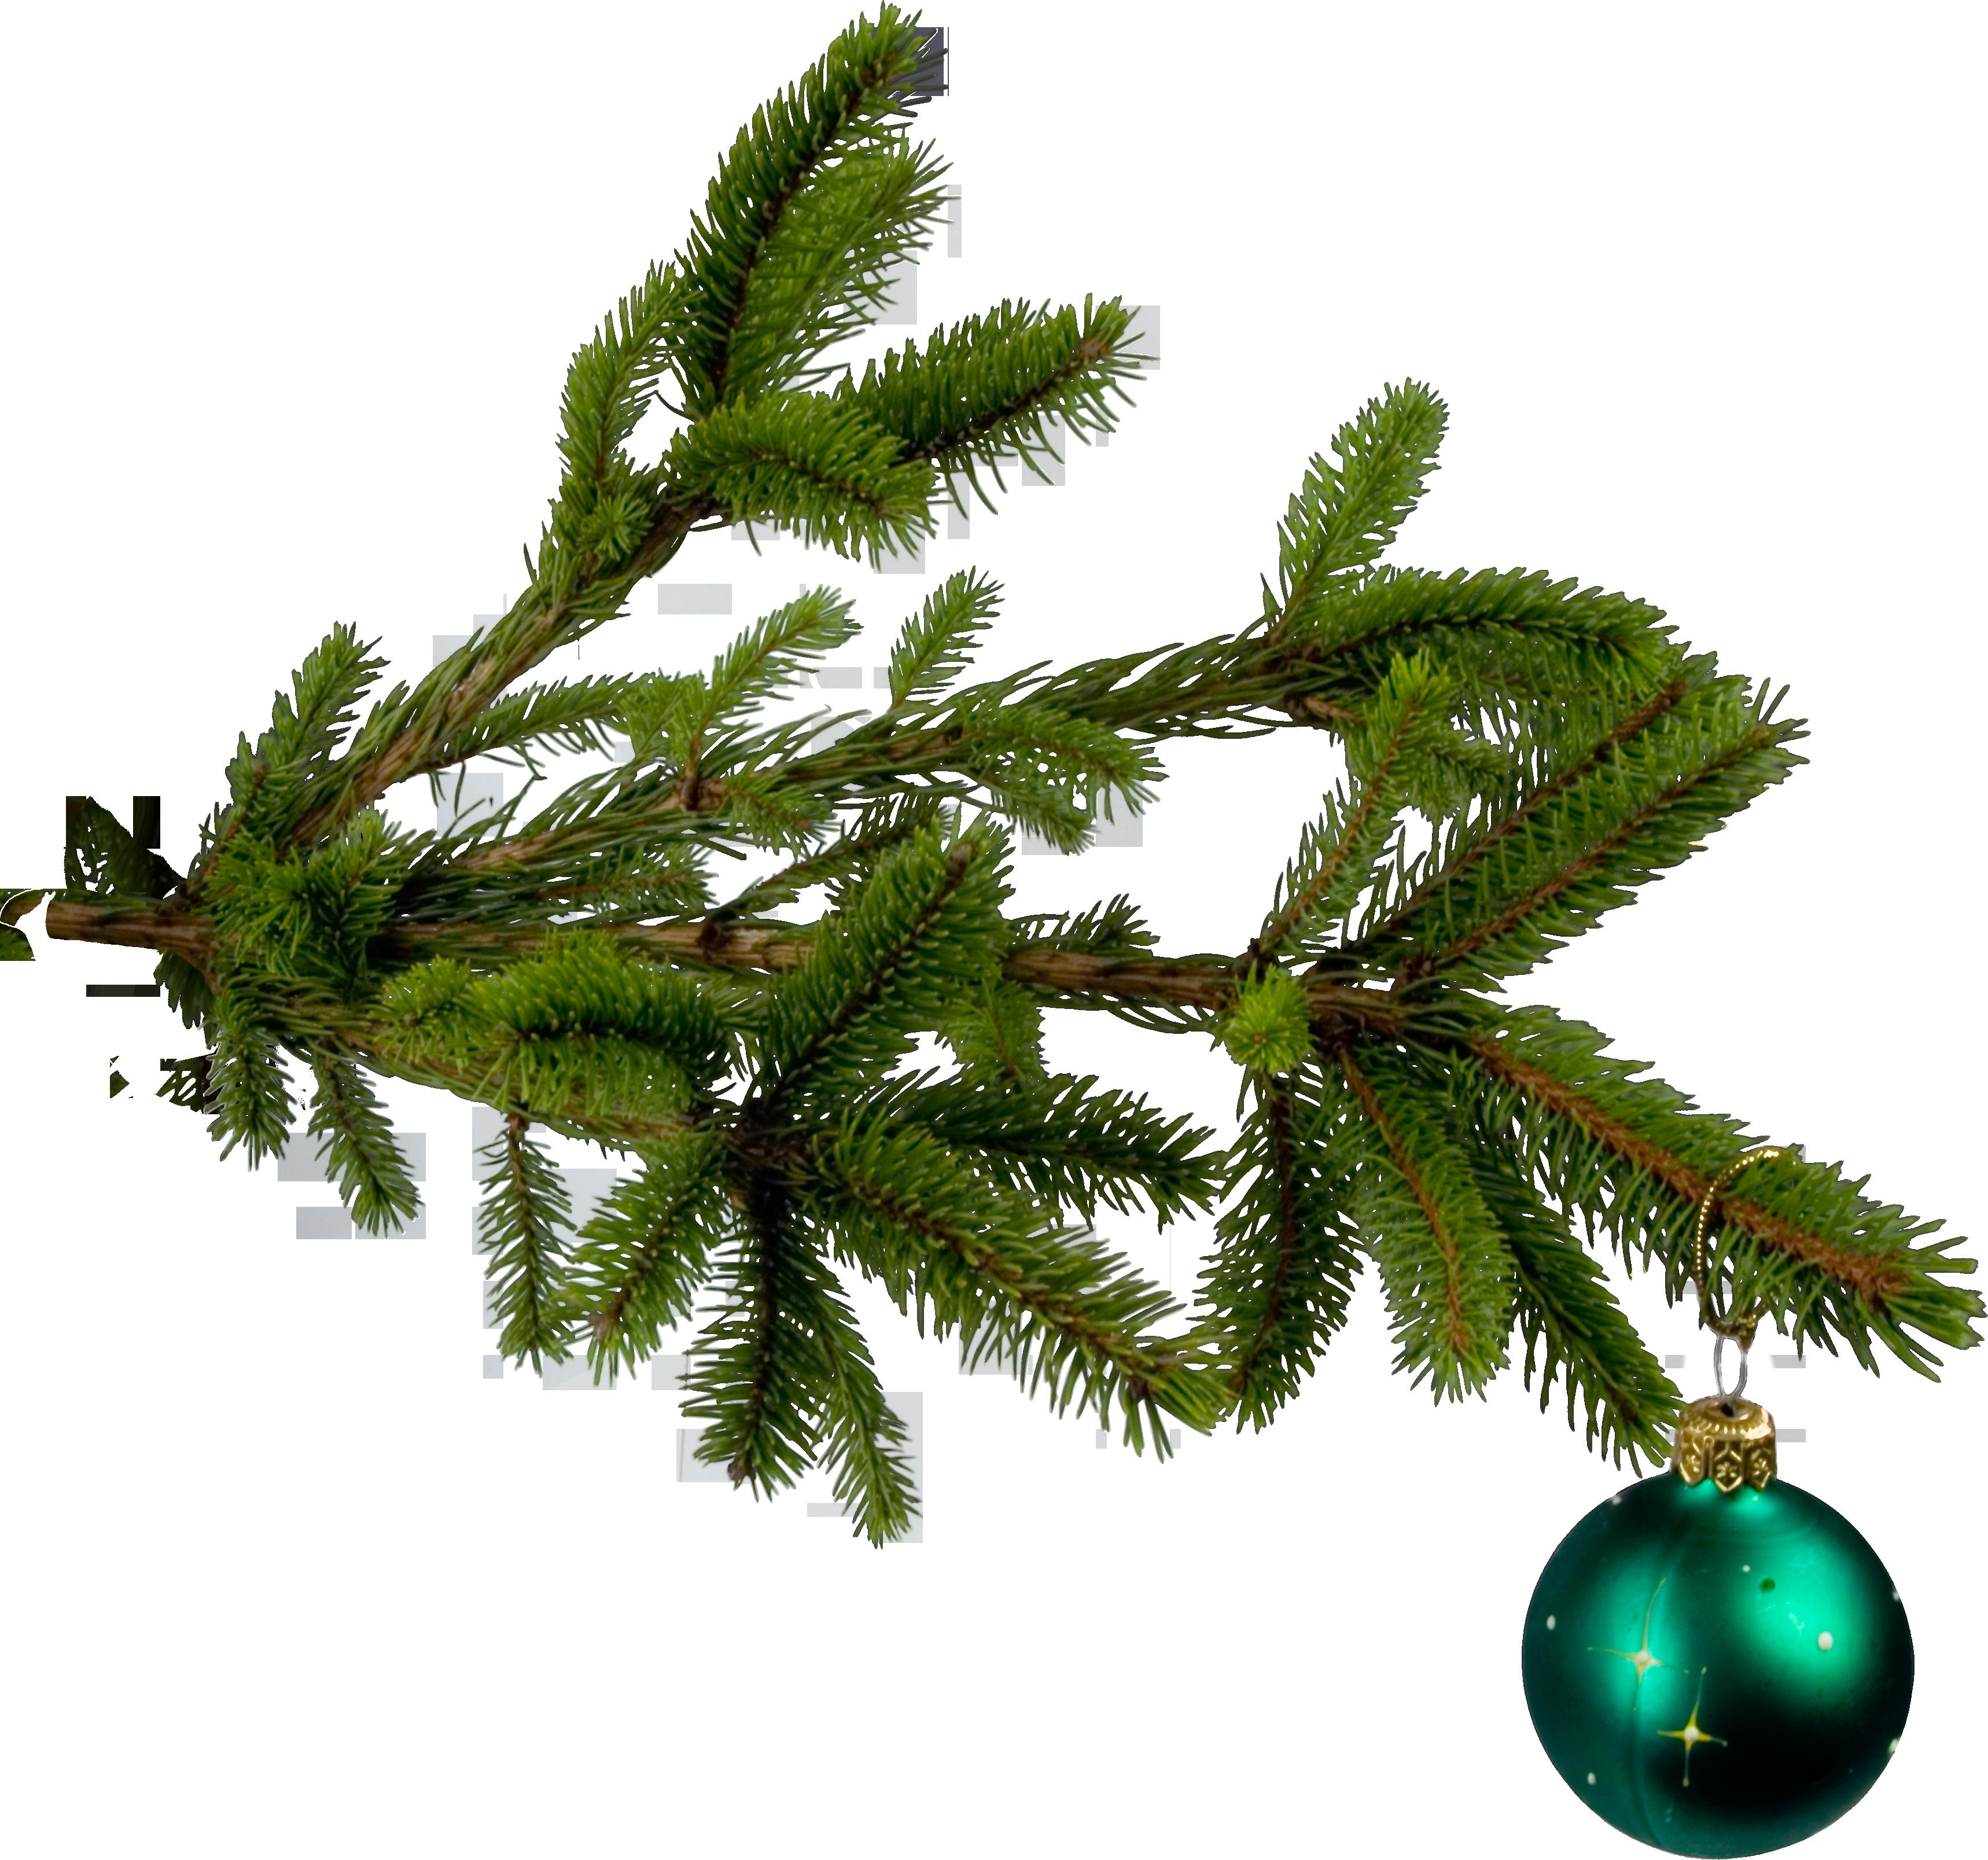 картинки веточек елок